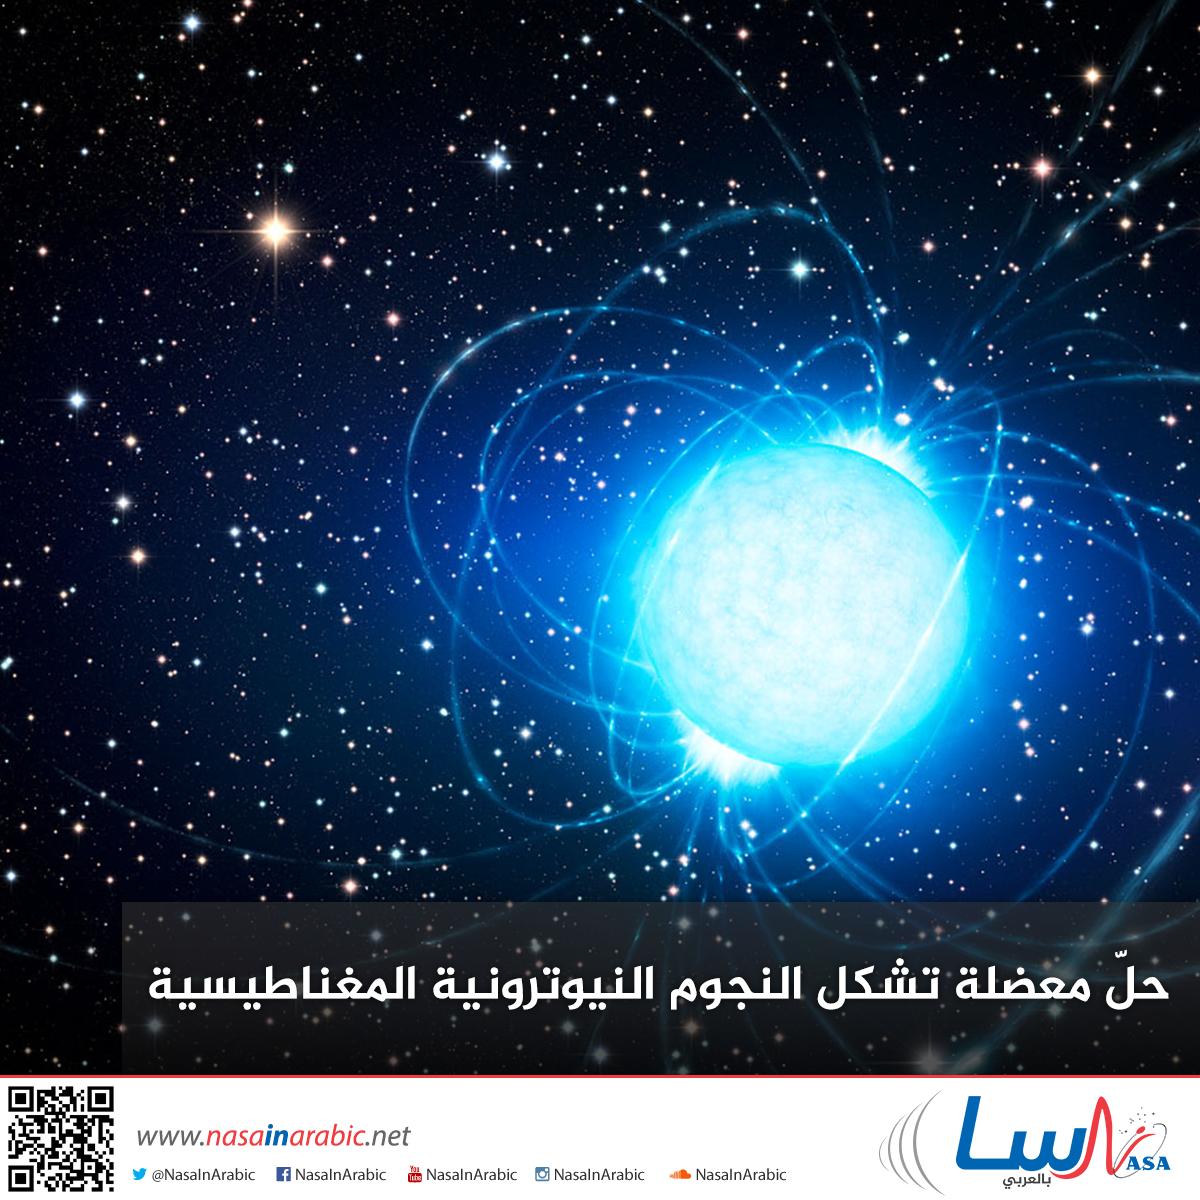 حلّ معضلة تشكل النجوم النيوترونية المغناطيسية